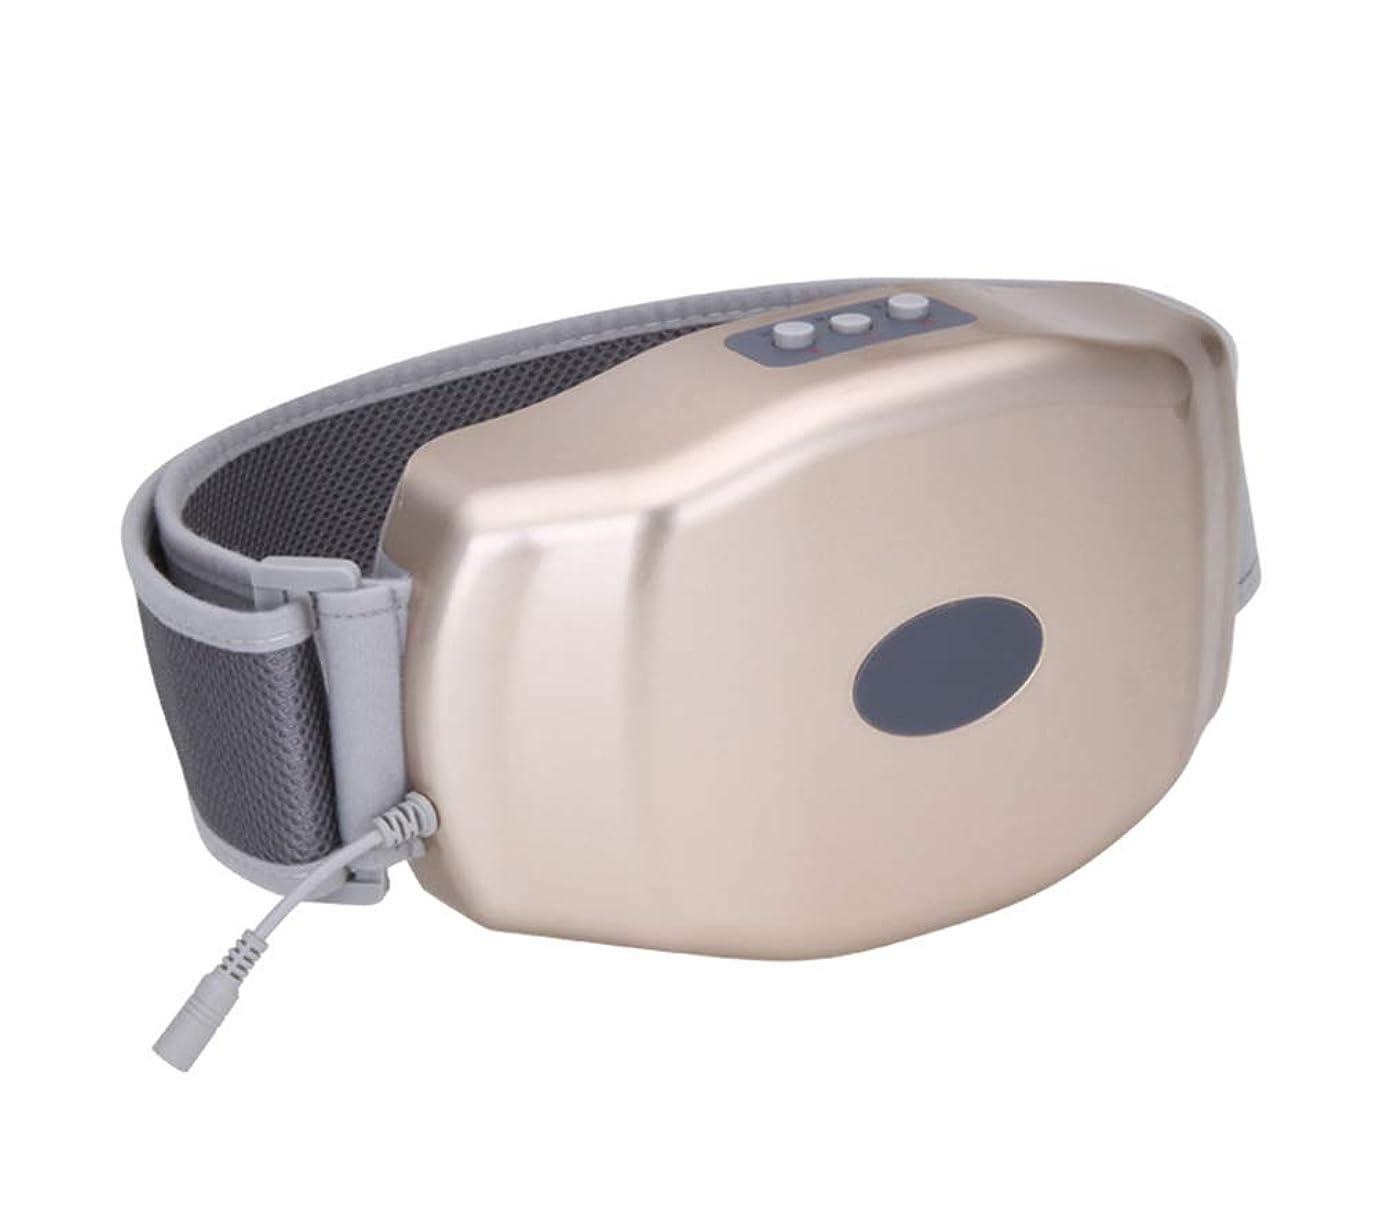 高さ肘掛け椅子真似る多機能腹部マッサージ - 電気ファットバーナー - 腹部減量マッサージ振動便秘腹部理学療法ベルト加熱男性と女性のベルト